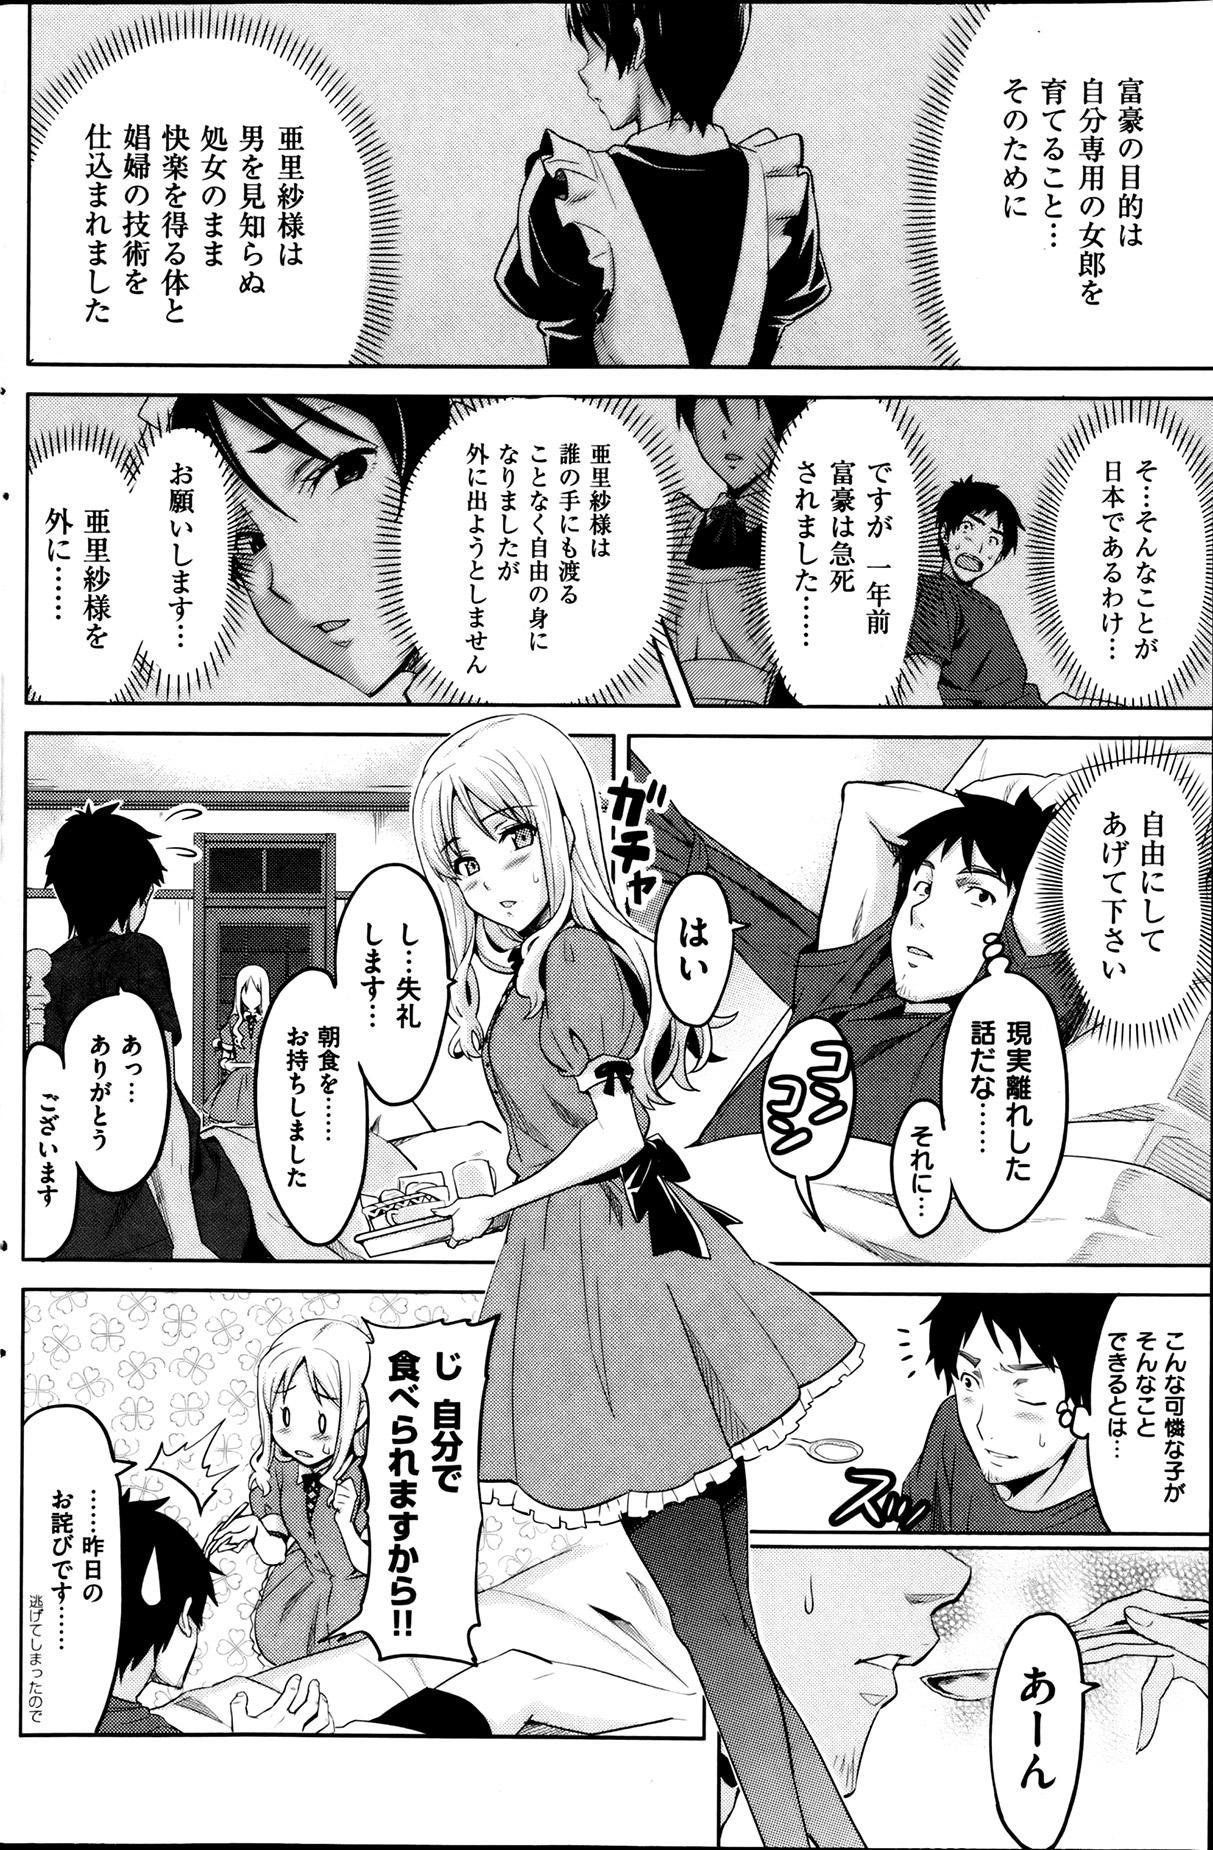 COMIC HANA-MAN 2013-08 Takeda Hiromitsu Tokushuu 149